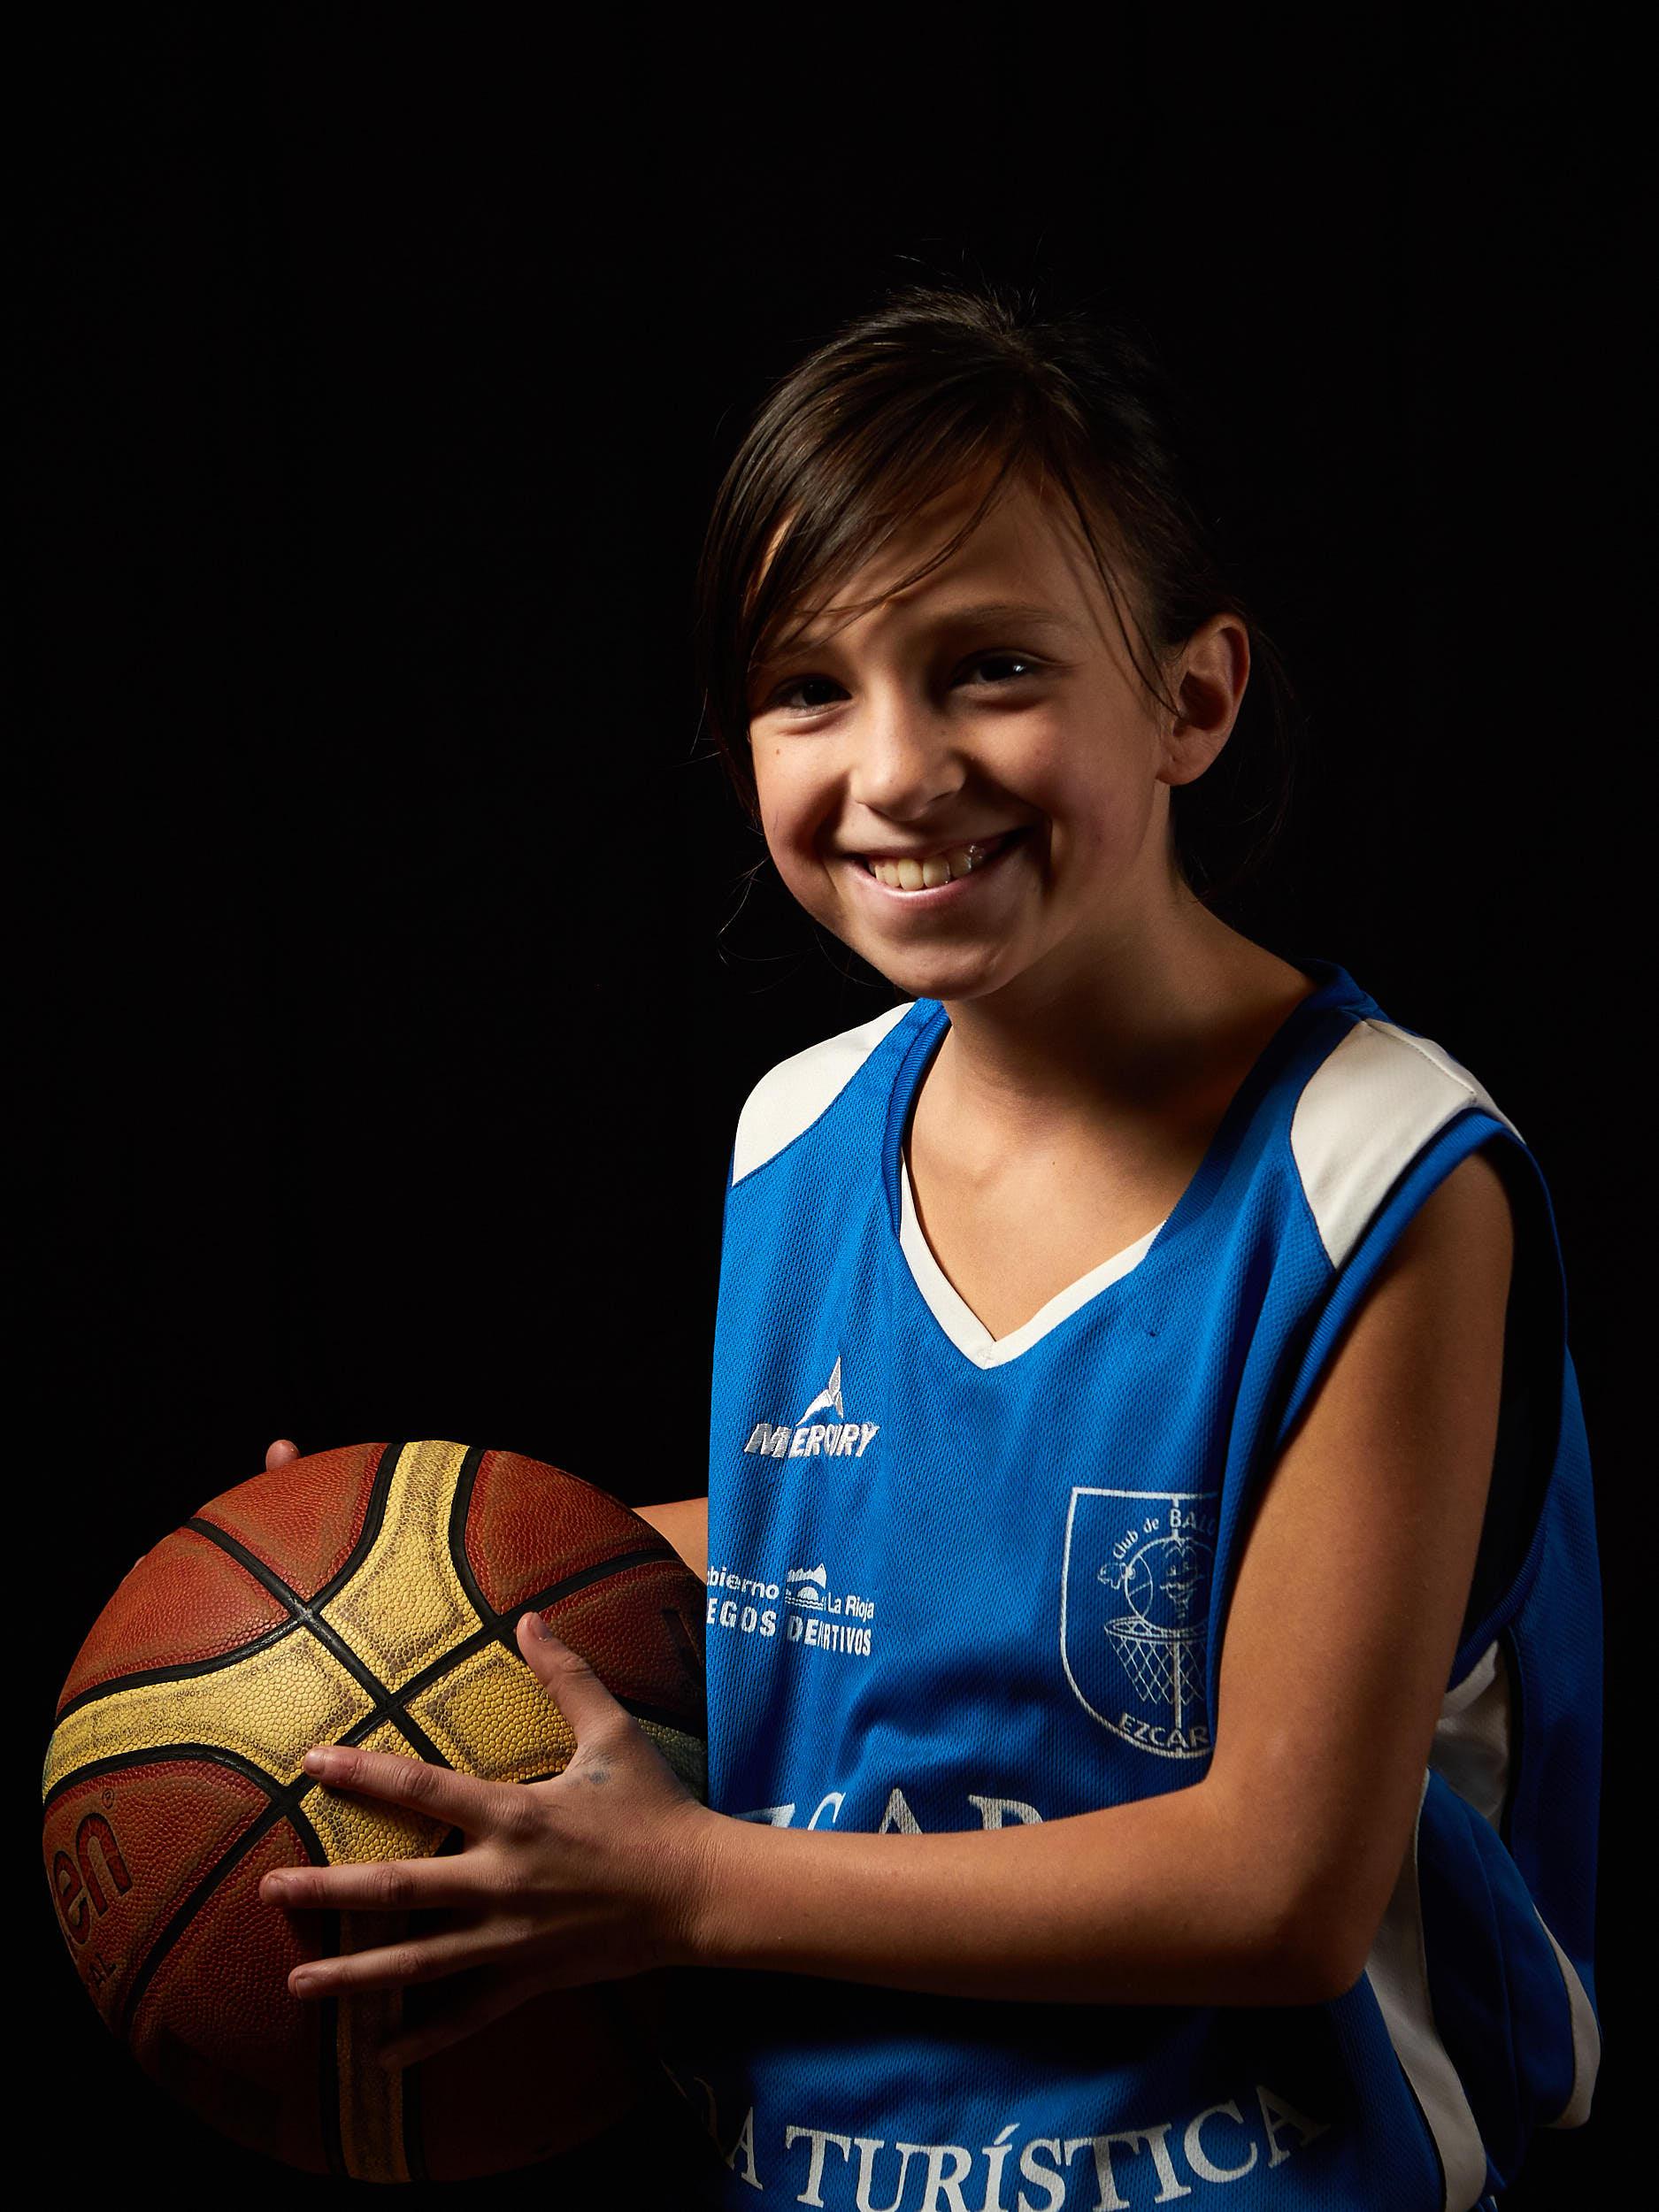 11/11/16 Club de Baloncesto, Ezcaray, La Rioja, España. Foto de James Sturcke   www.sturcke.org